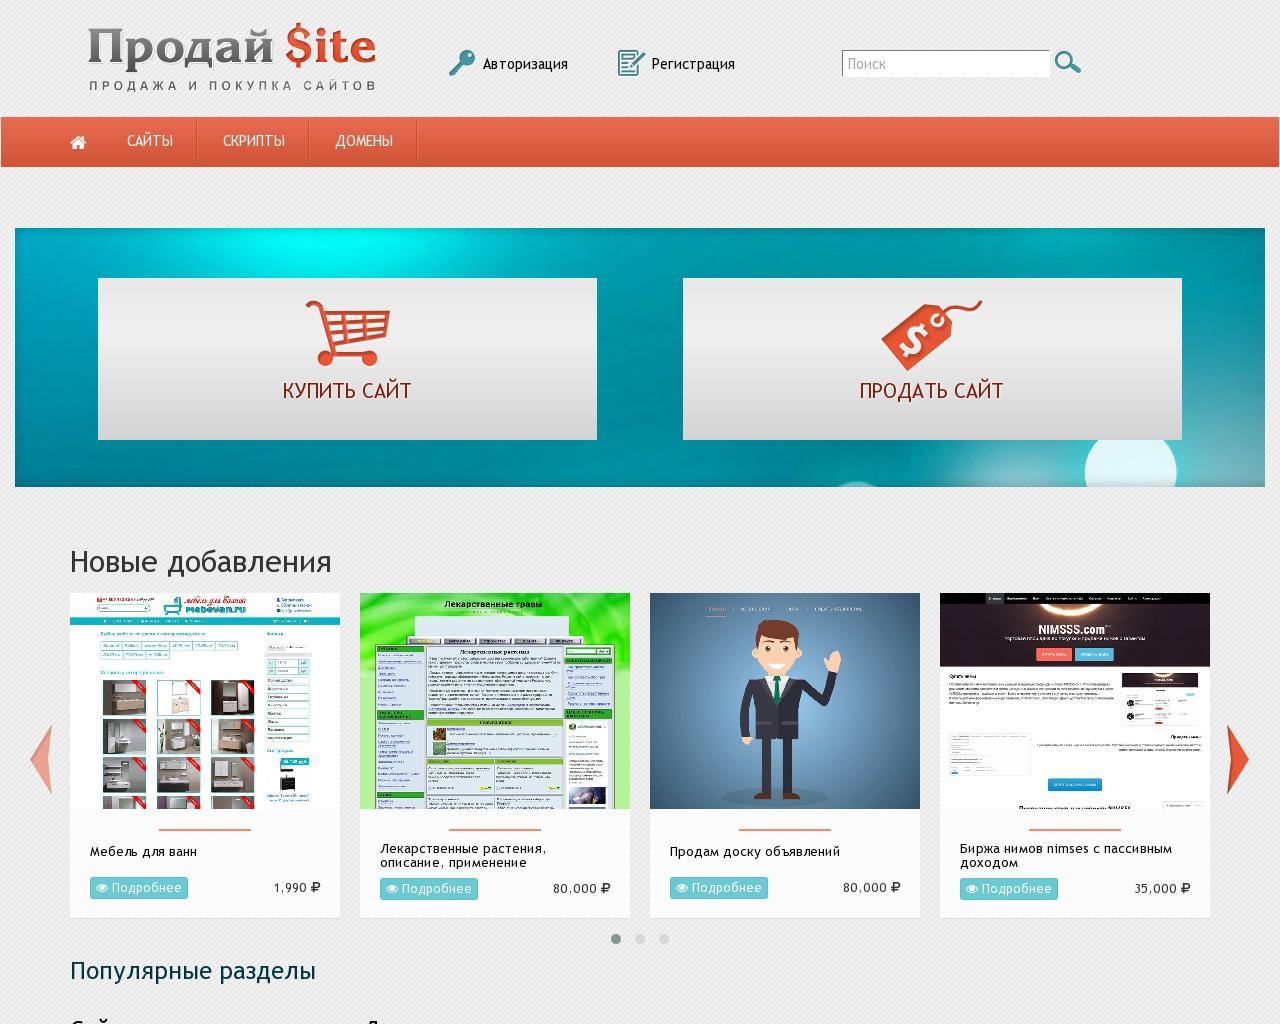 Как сделать скриншот полной страницы сайта в браузере